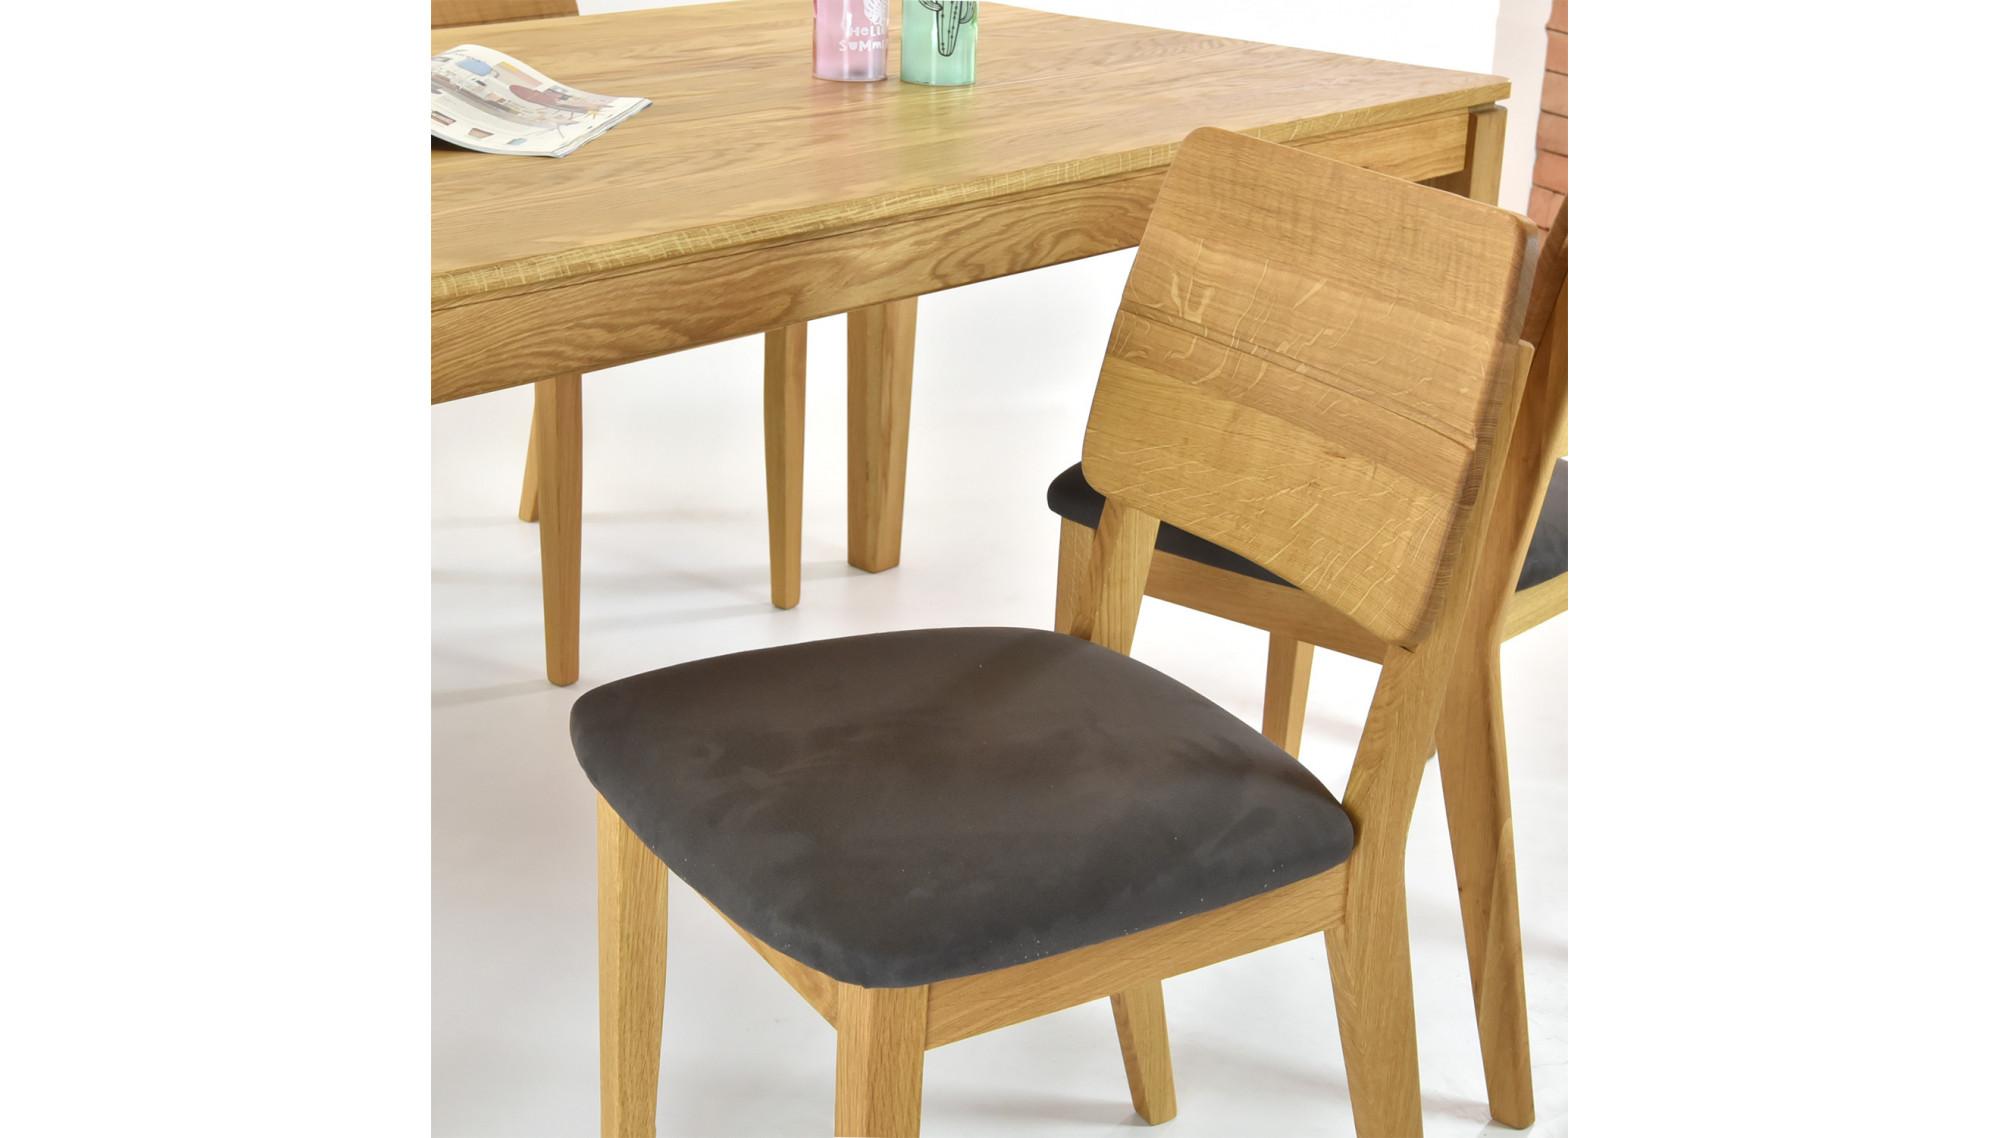 esstisch f r 6 personen esszimmerst hle aus eichenholz. Black Bedroom Furniture Sets. Home Design Ideas